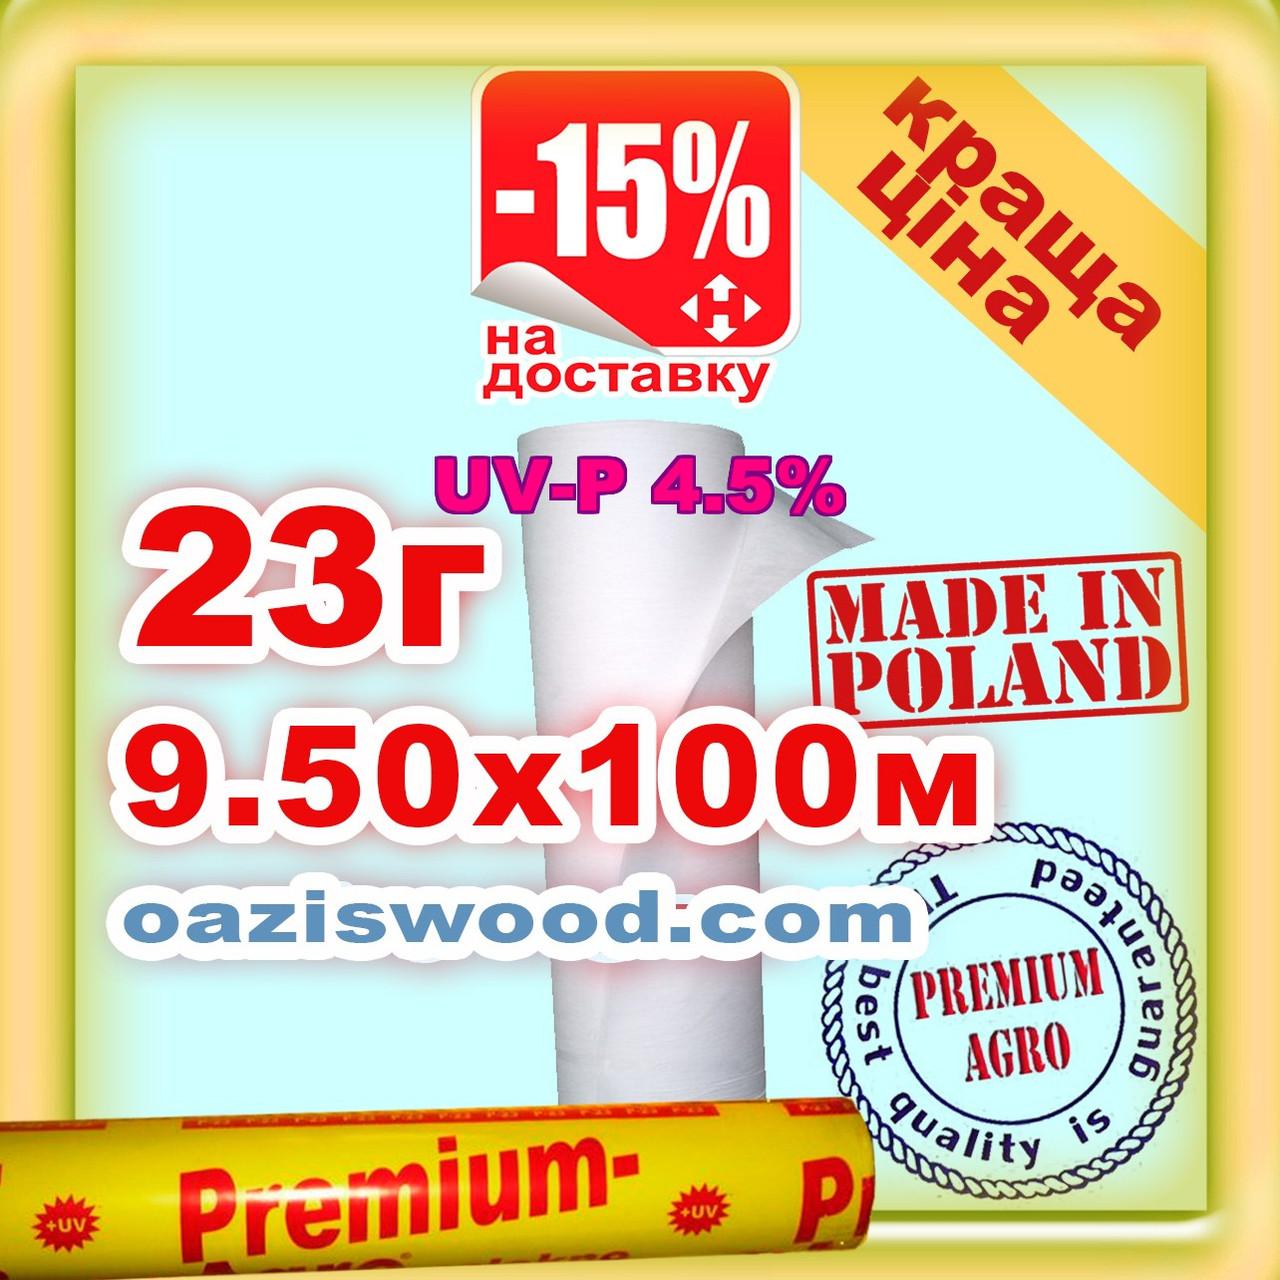 Агроволокно р-23g 9.5*100м белое UV-P 4.5% Premium-Agro Польша